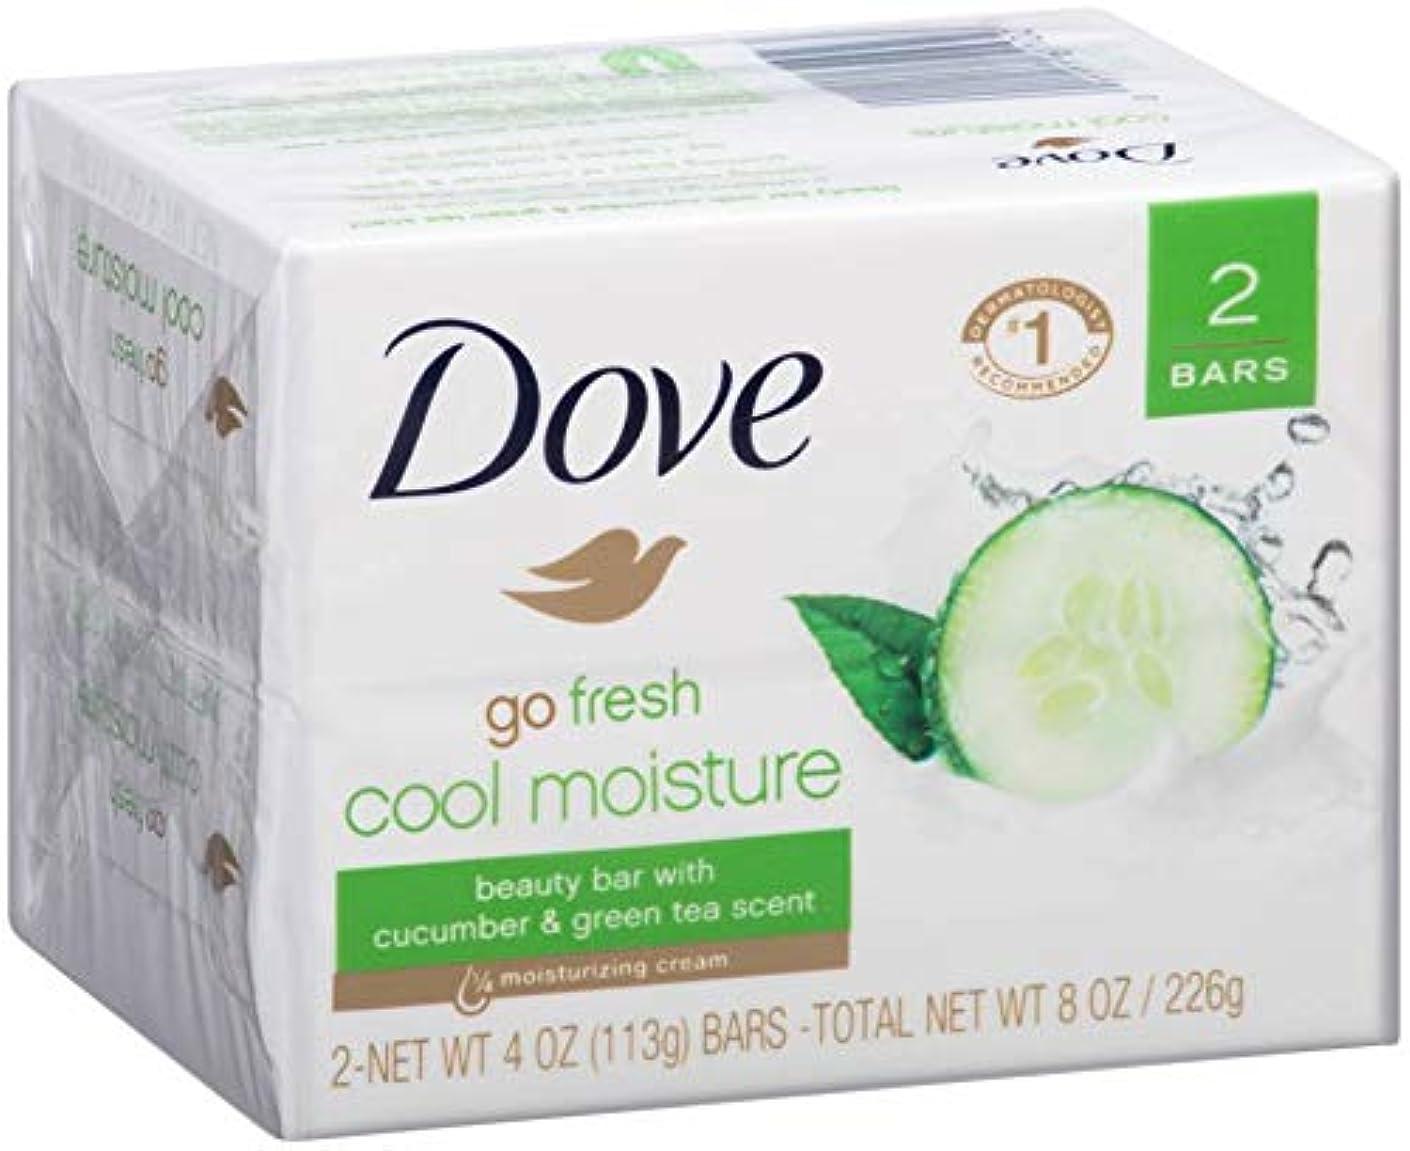 思想冷蔵するすなわちDove フレッシュクールモイスチャー美容Bars-キュウリ、緑茶の香り、2バー(24パック)を行きます